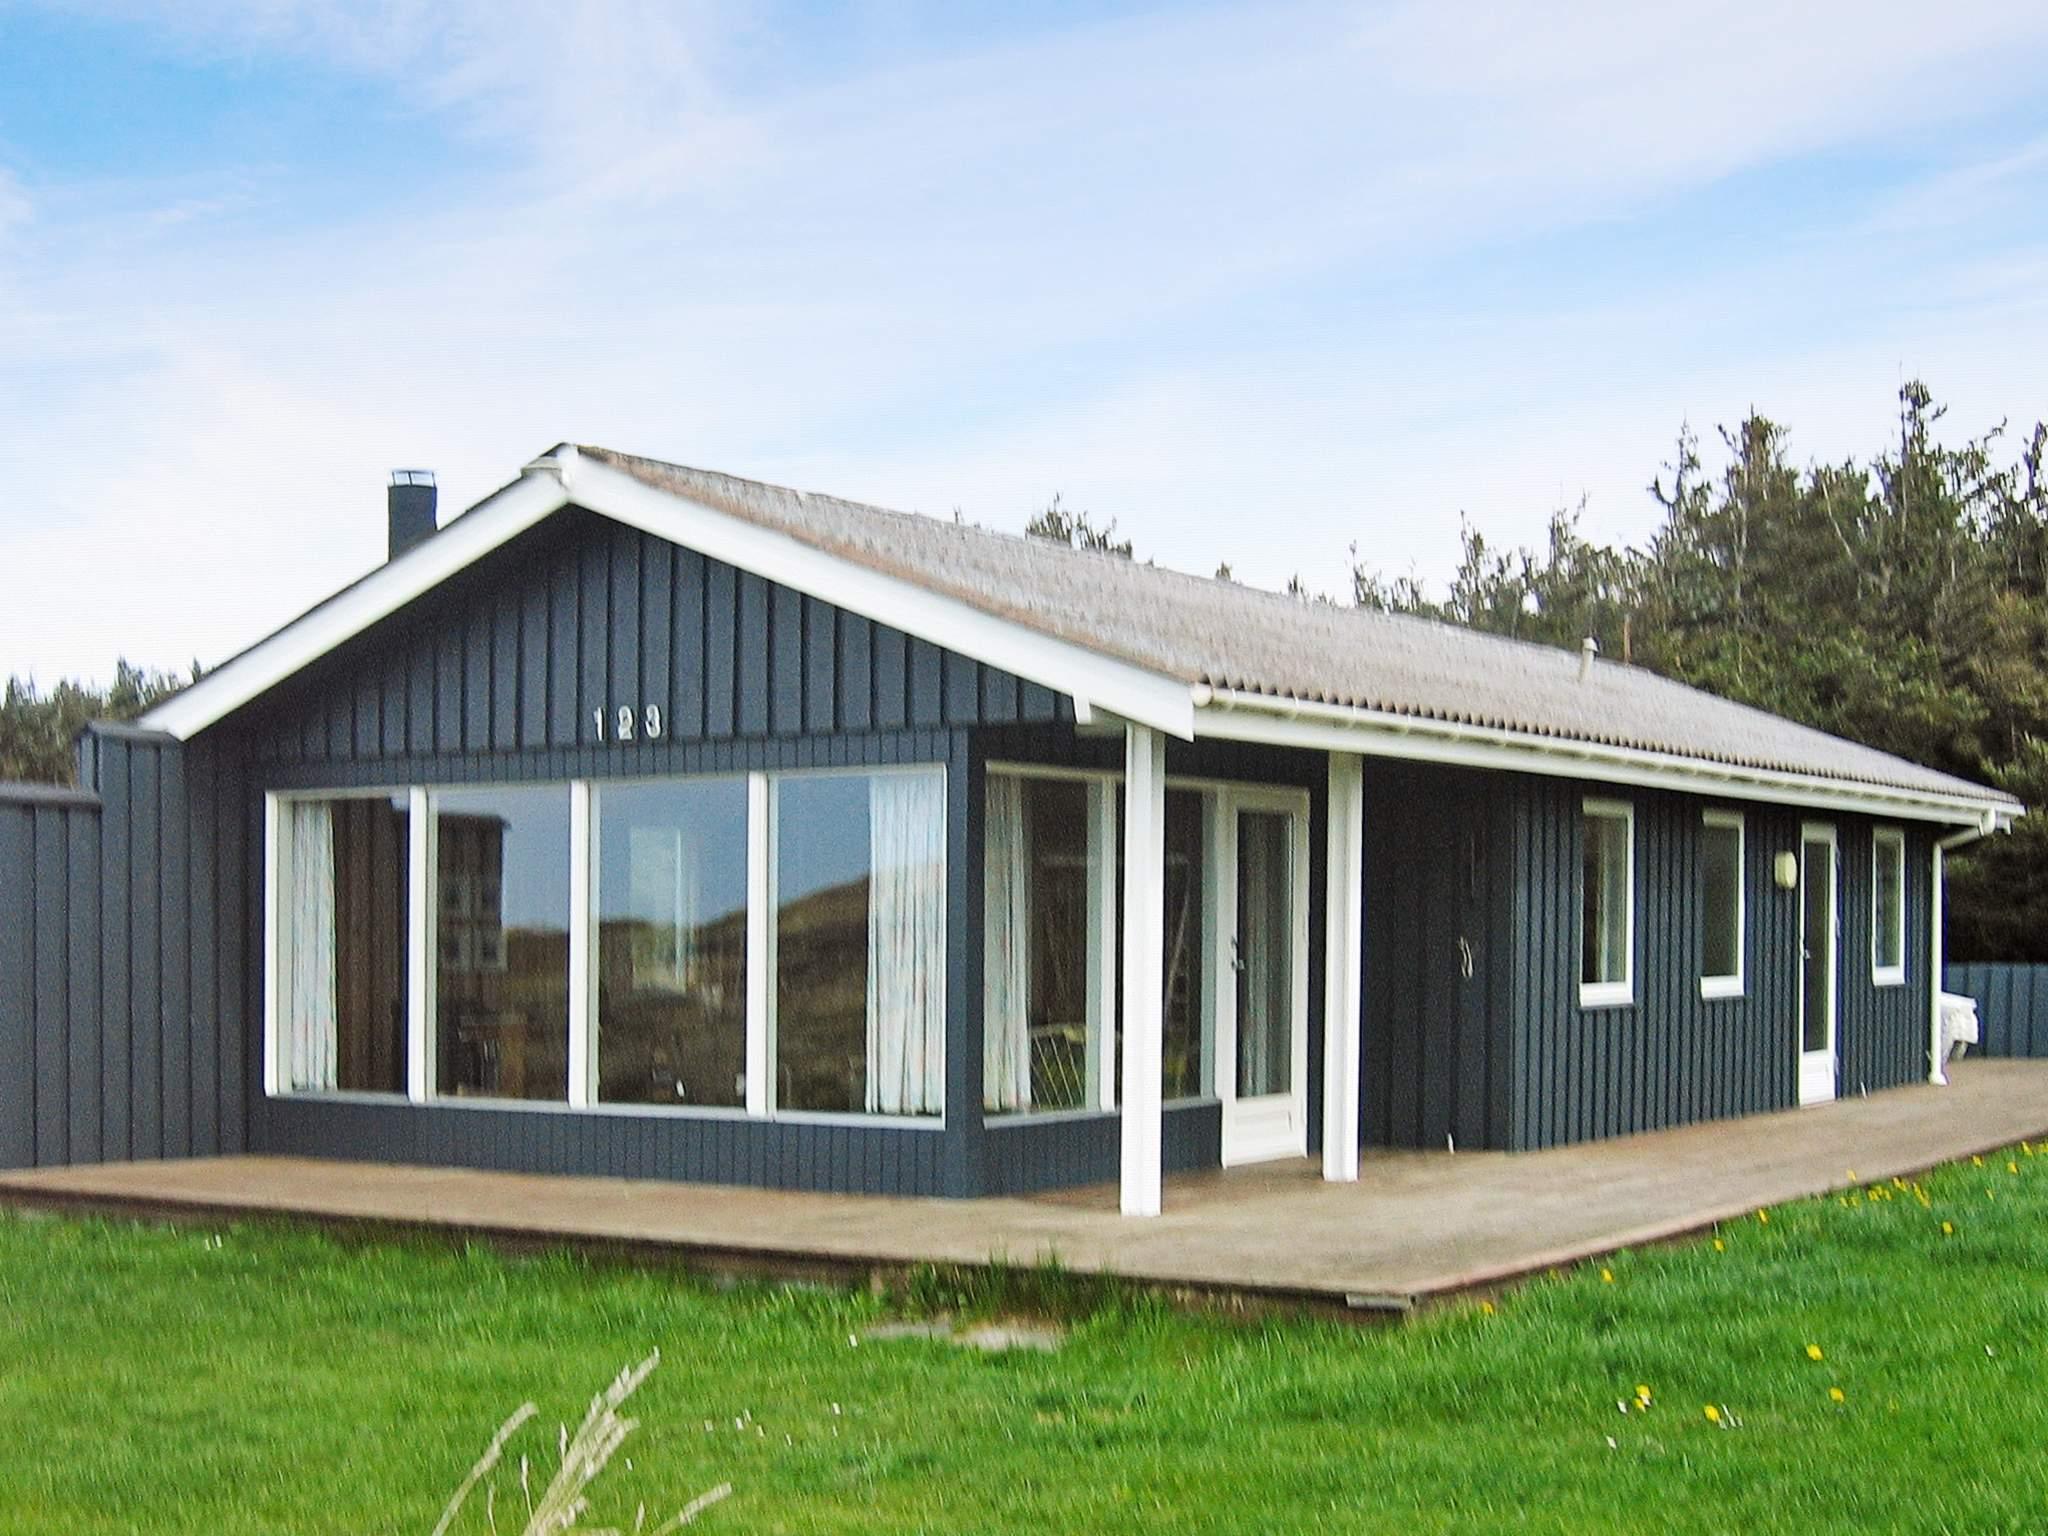 Ferienhaus Løkken (89579), Løkken, , Nordwestjütland, Dänemark, Bild 1